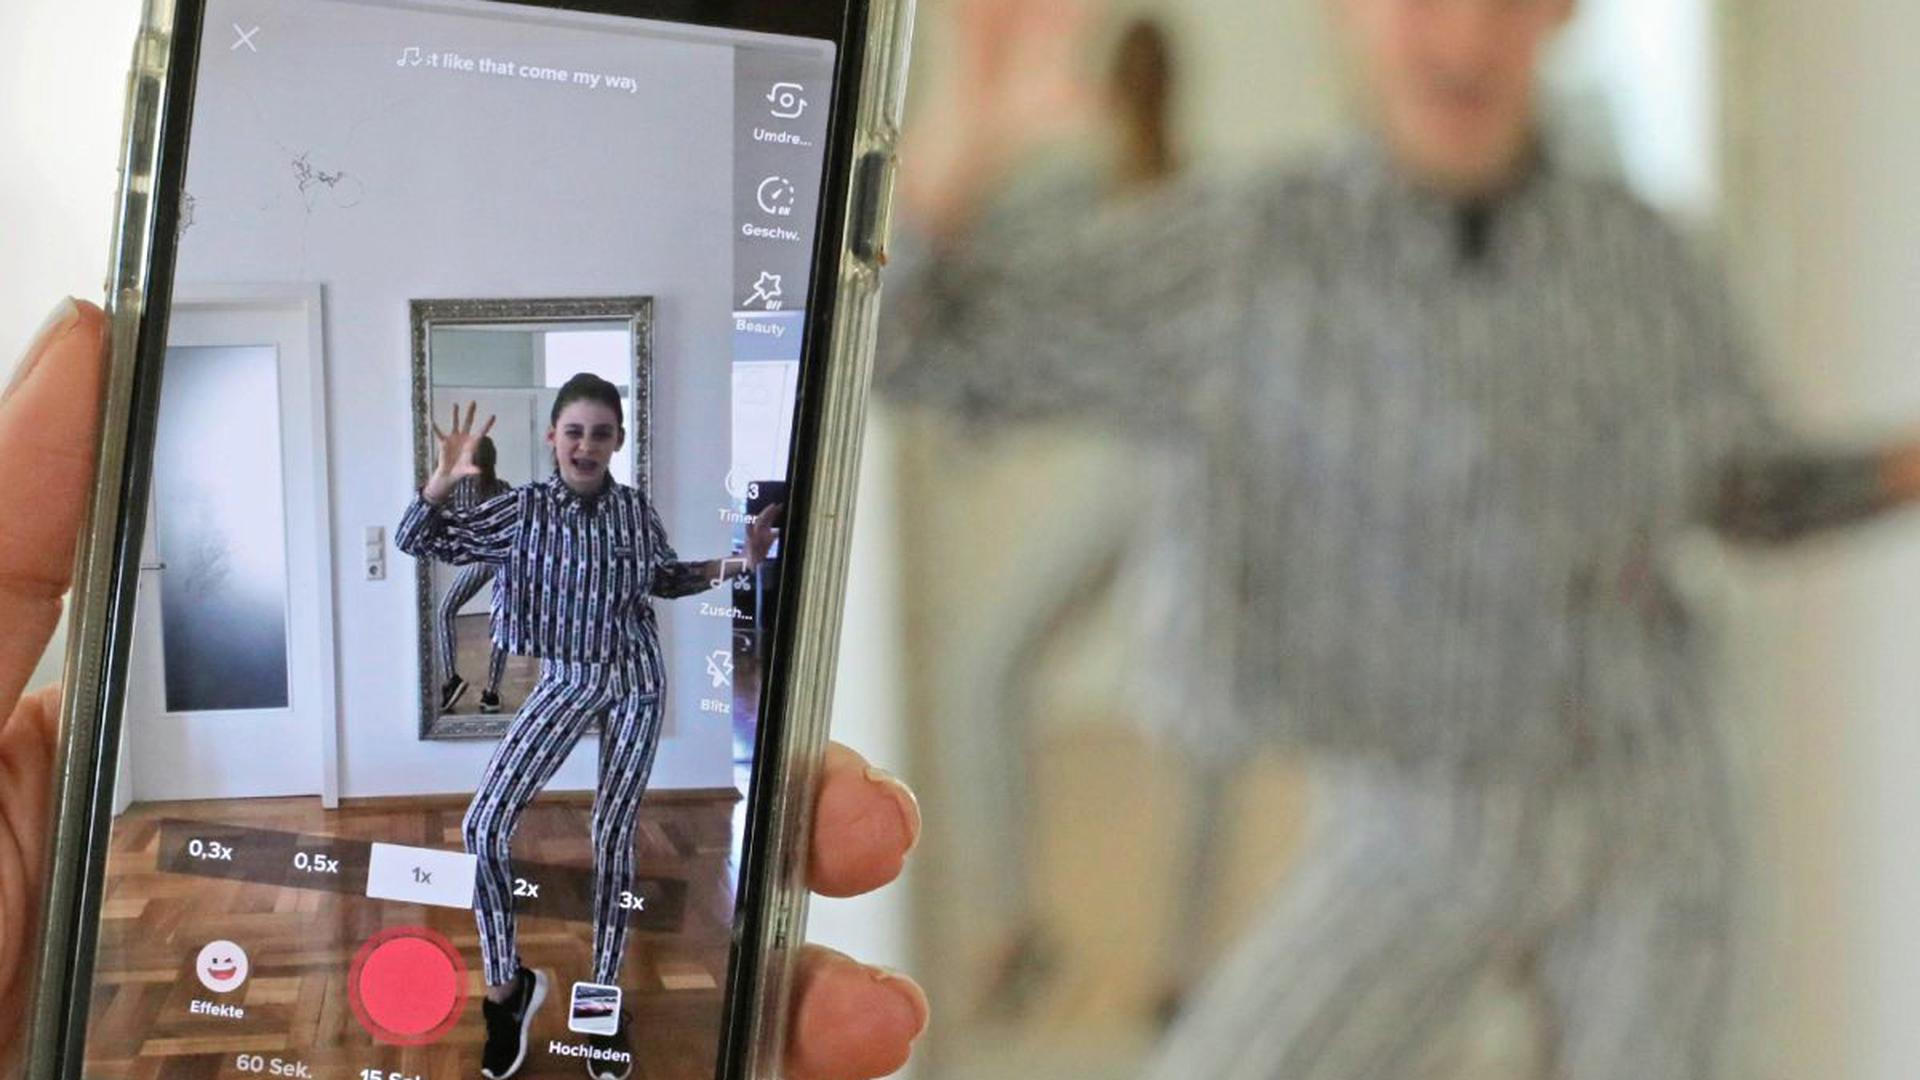 Tanz MiT Distanz: In der Corona-Krise entwickeln Tanzstudios digitale Lösungen, um ihre Kunden zu halten. Die 13-jährige Romy übt zu Hause mit dem Handy.